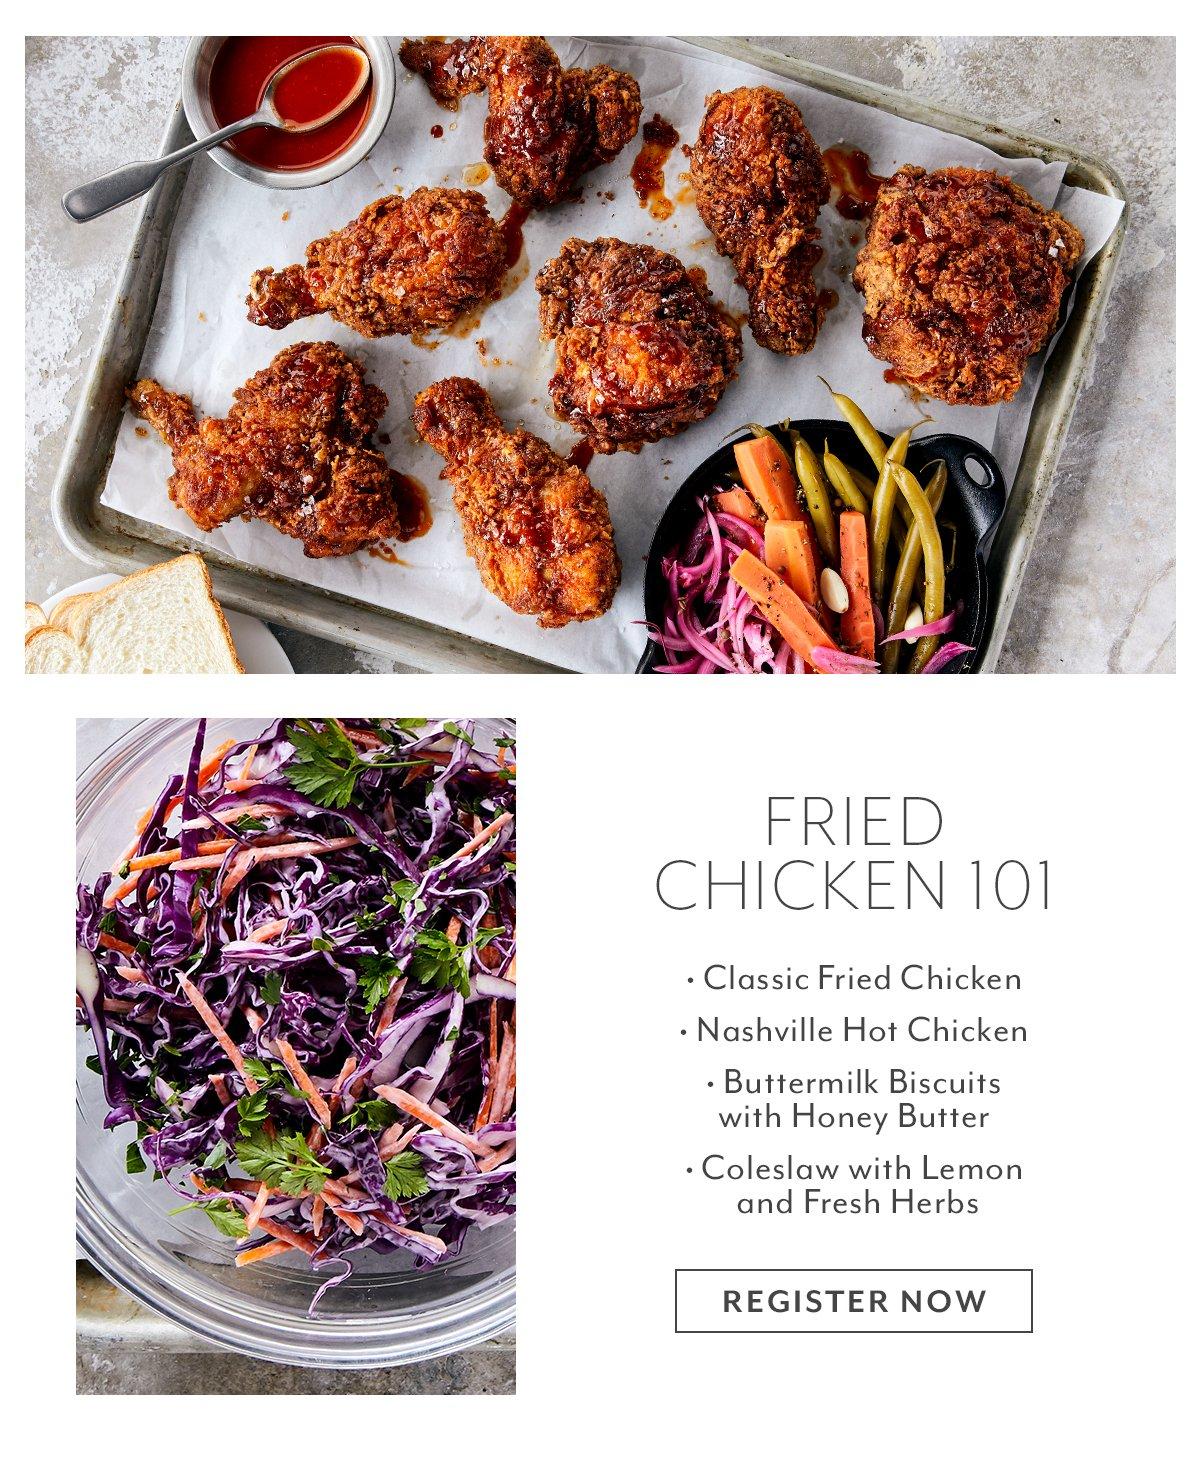 Class - Fried Chicken 101